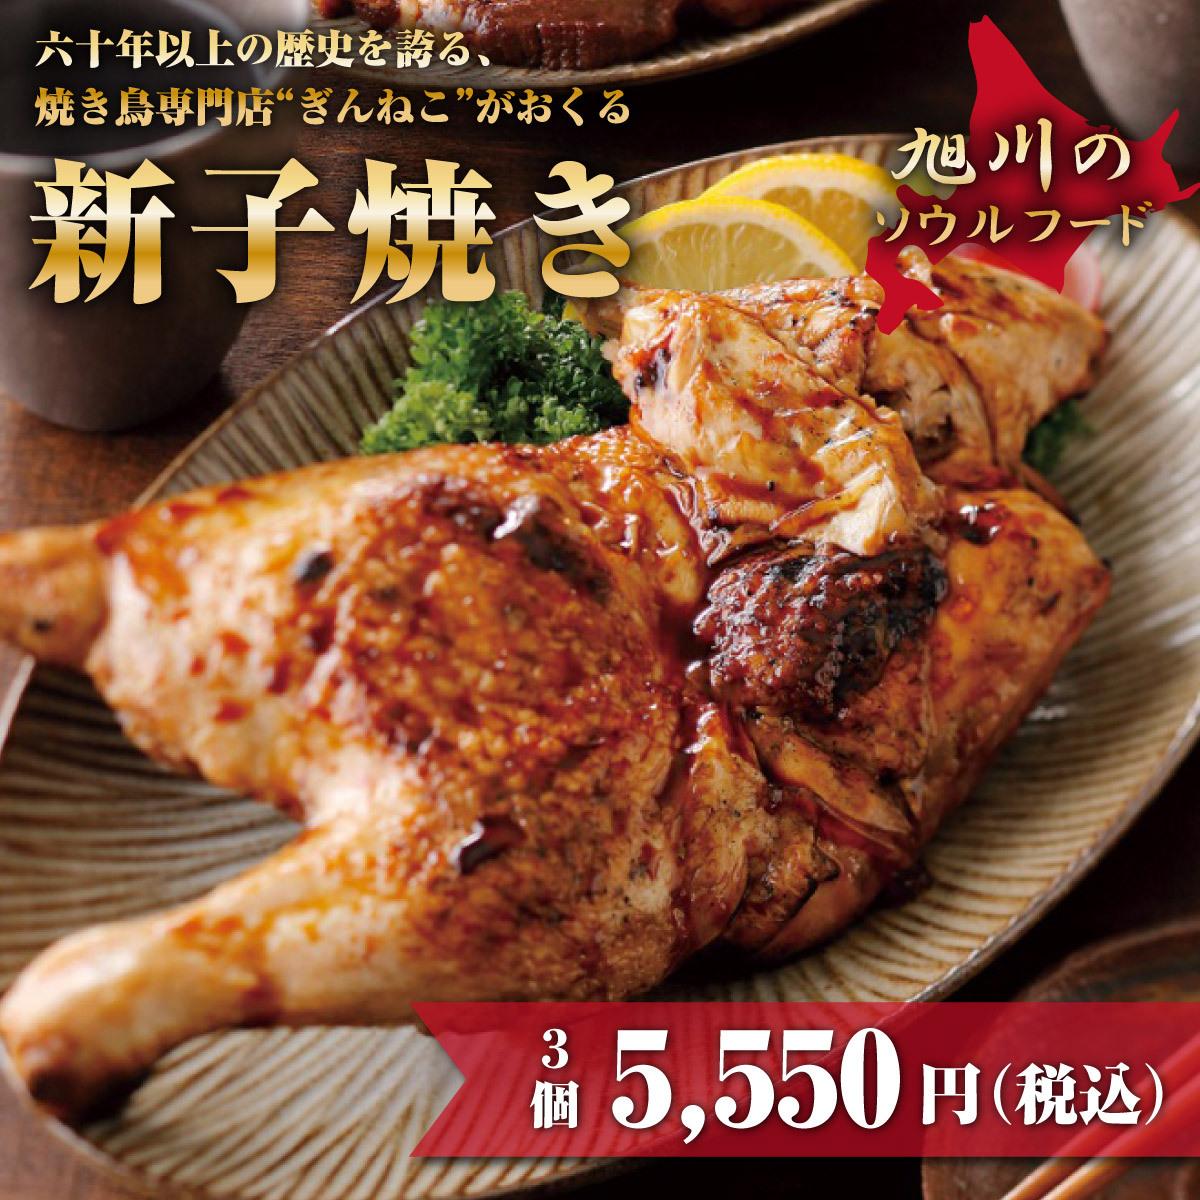 【3個入り】新子焼き真空冷凍パック